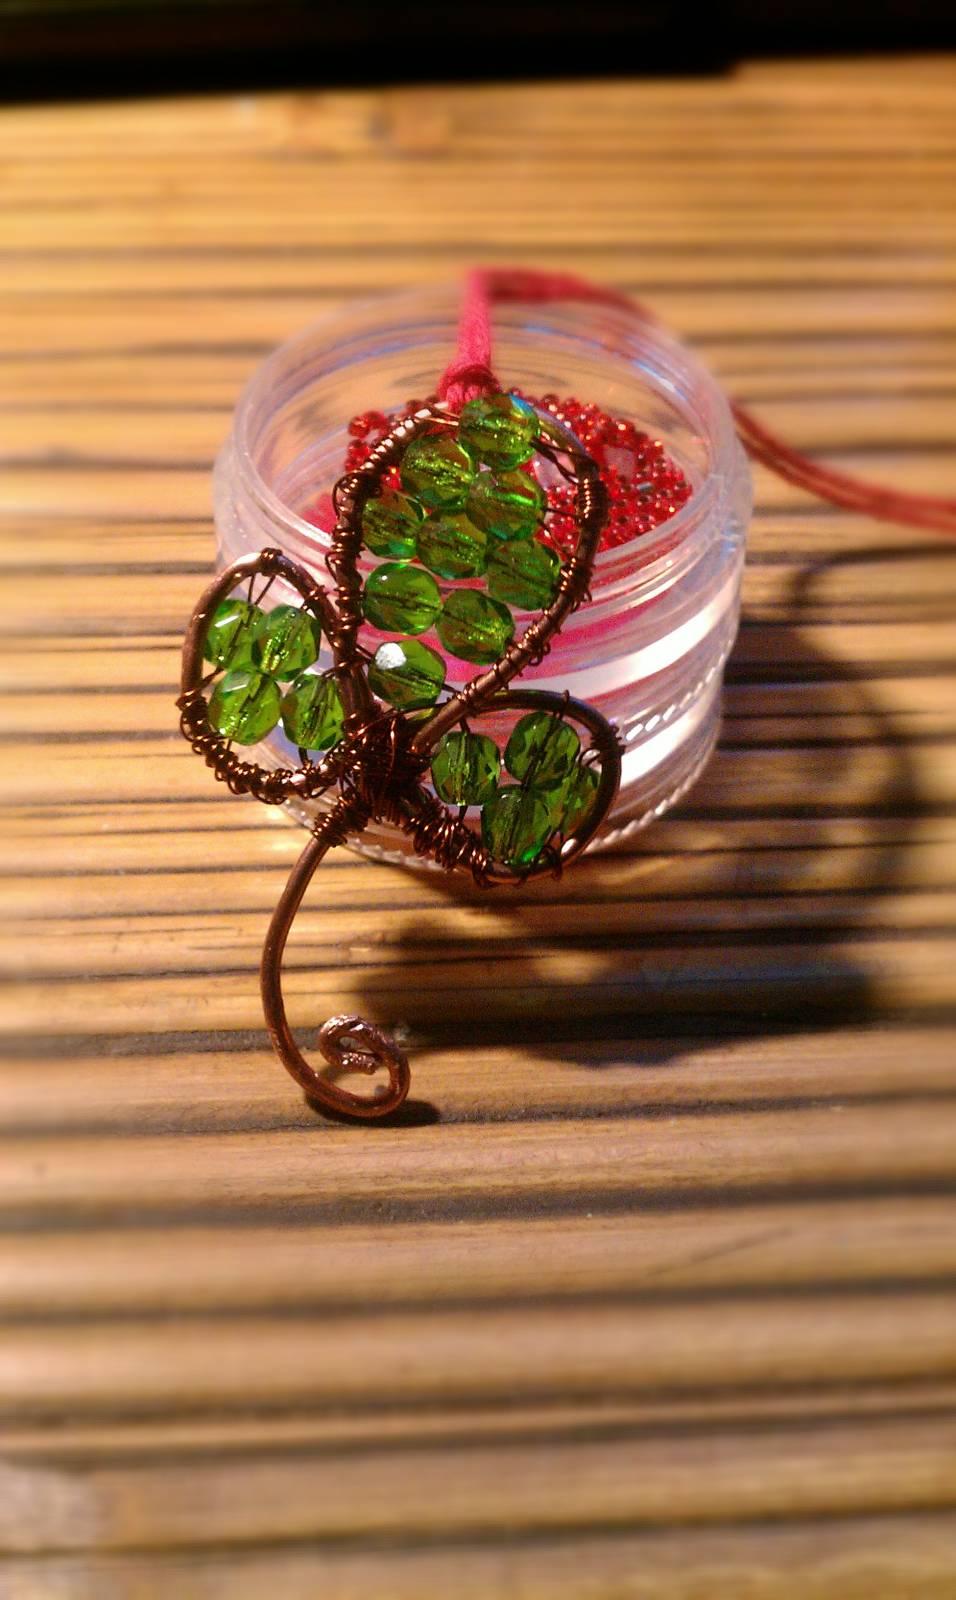 подарки своими руками-лист клевера из проволоки